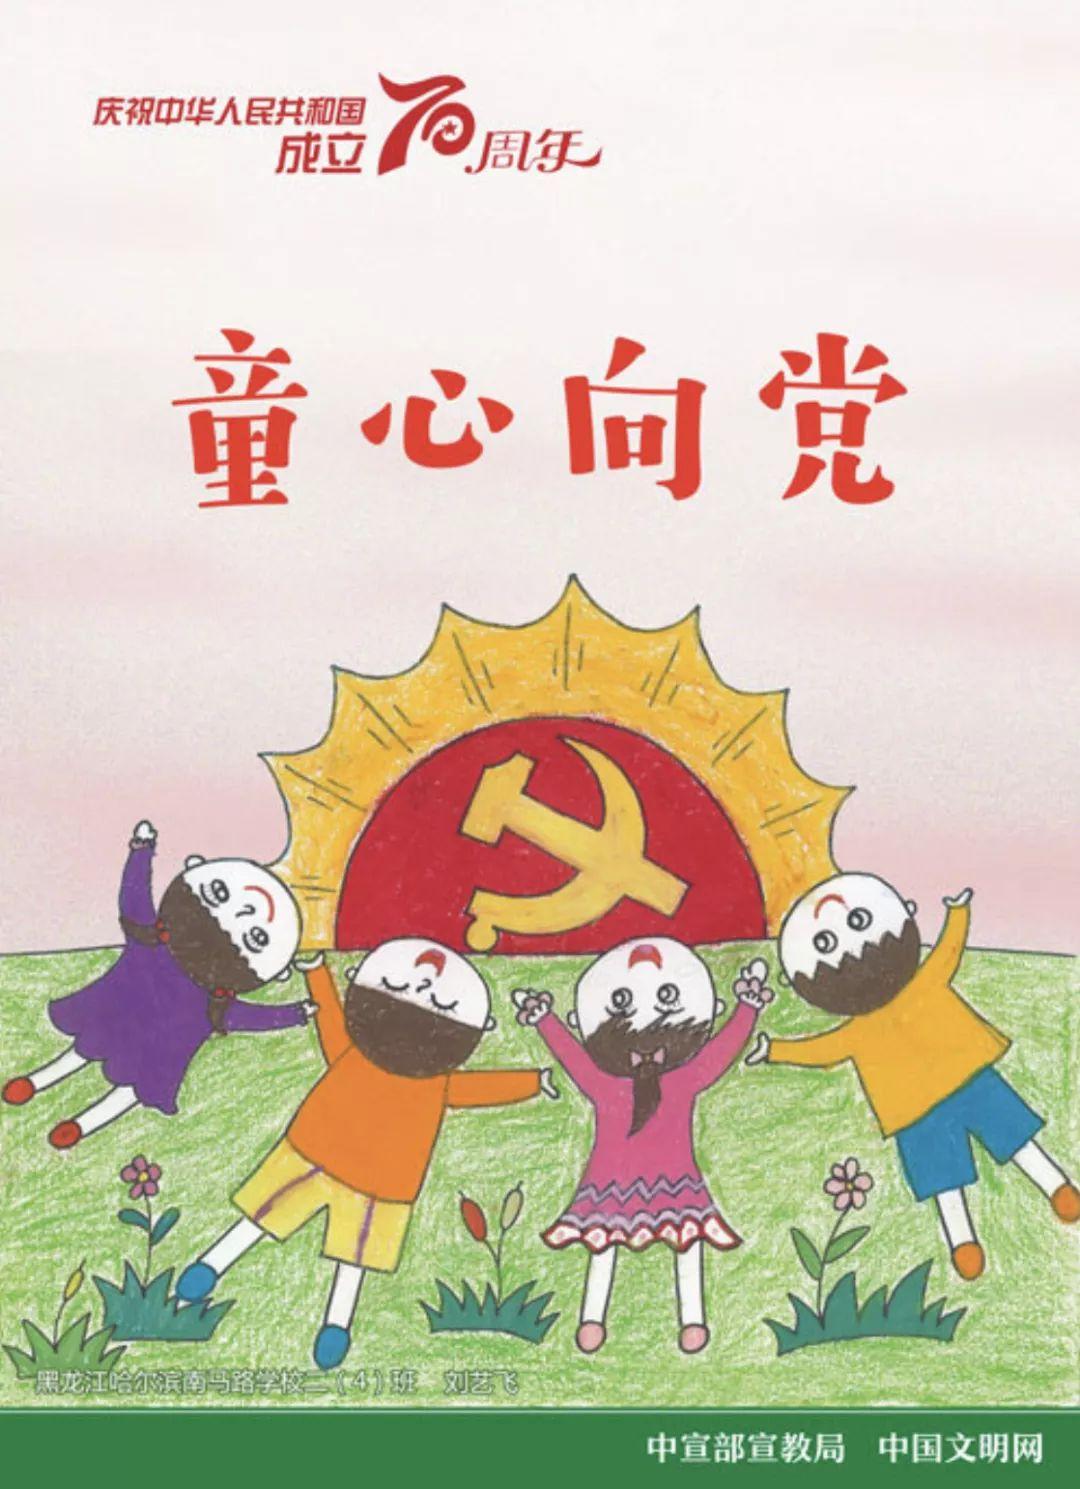 中宣部宣教局 中国文明网发布庆祝新中国成立70周年儿童画公益广告